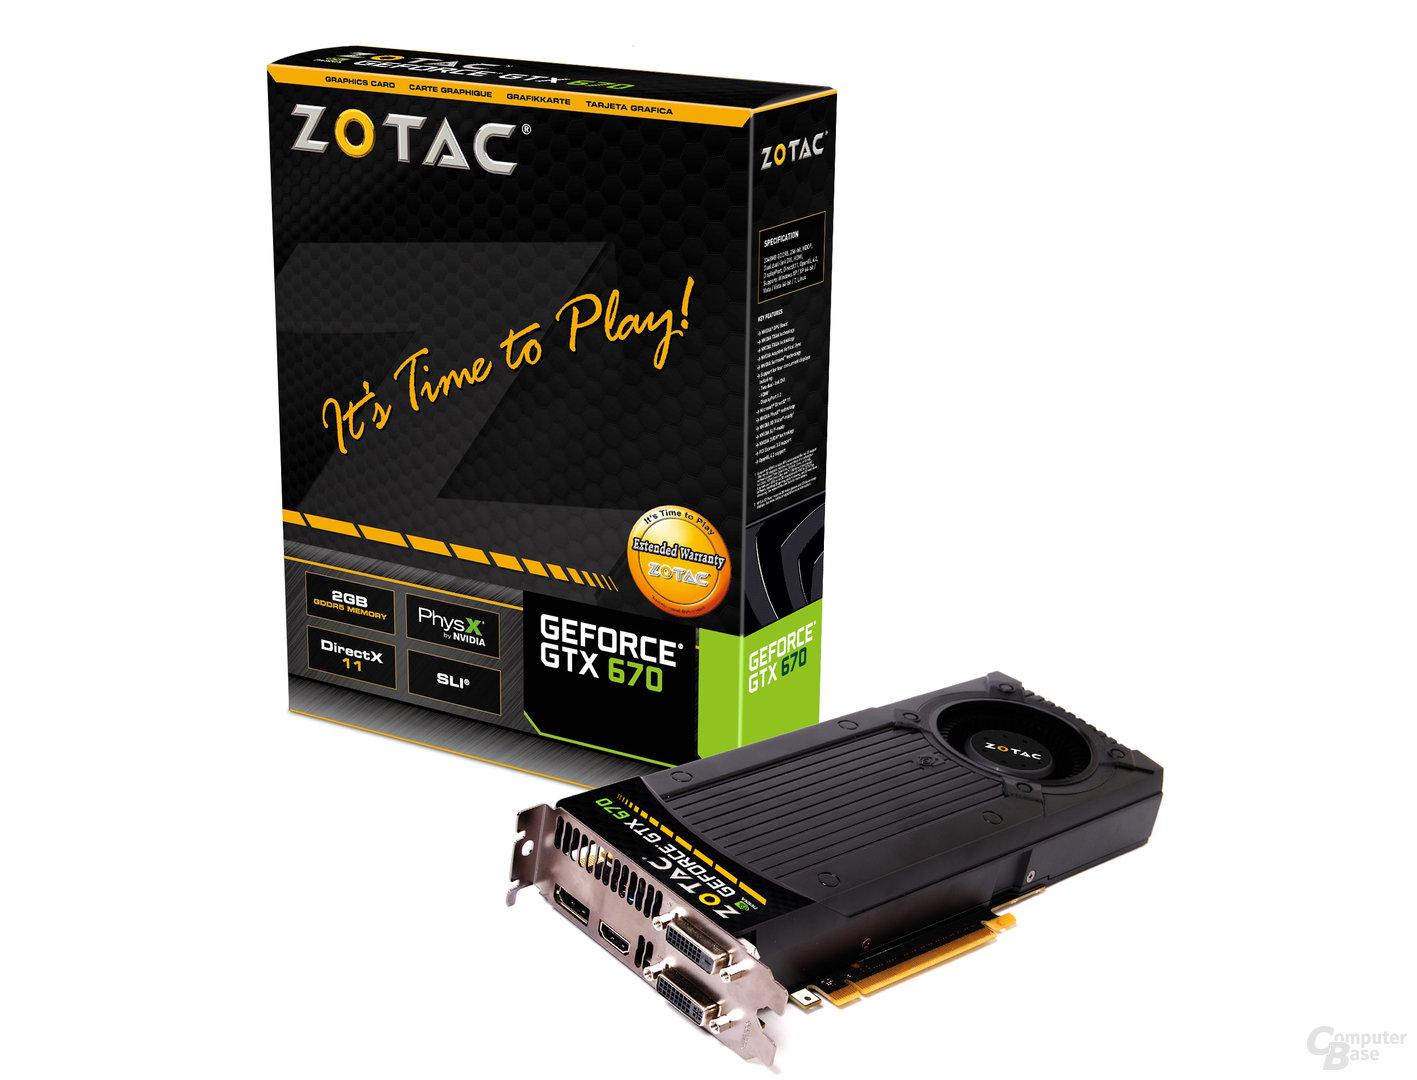 Zotac GeForce GTX 670